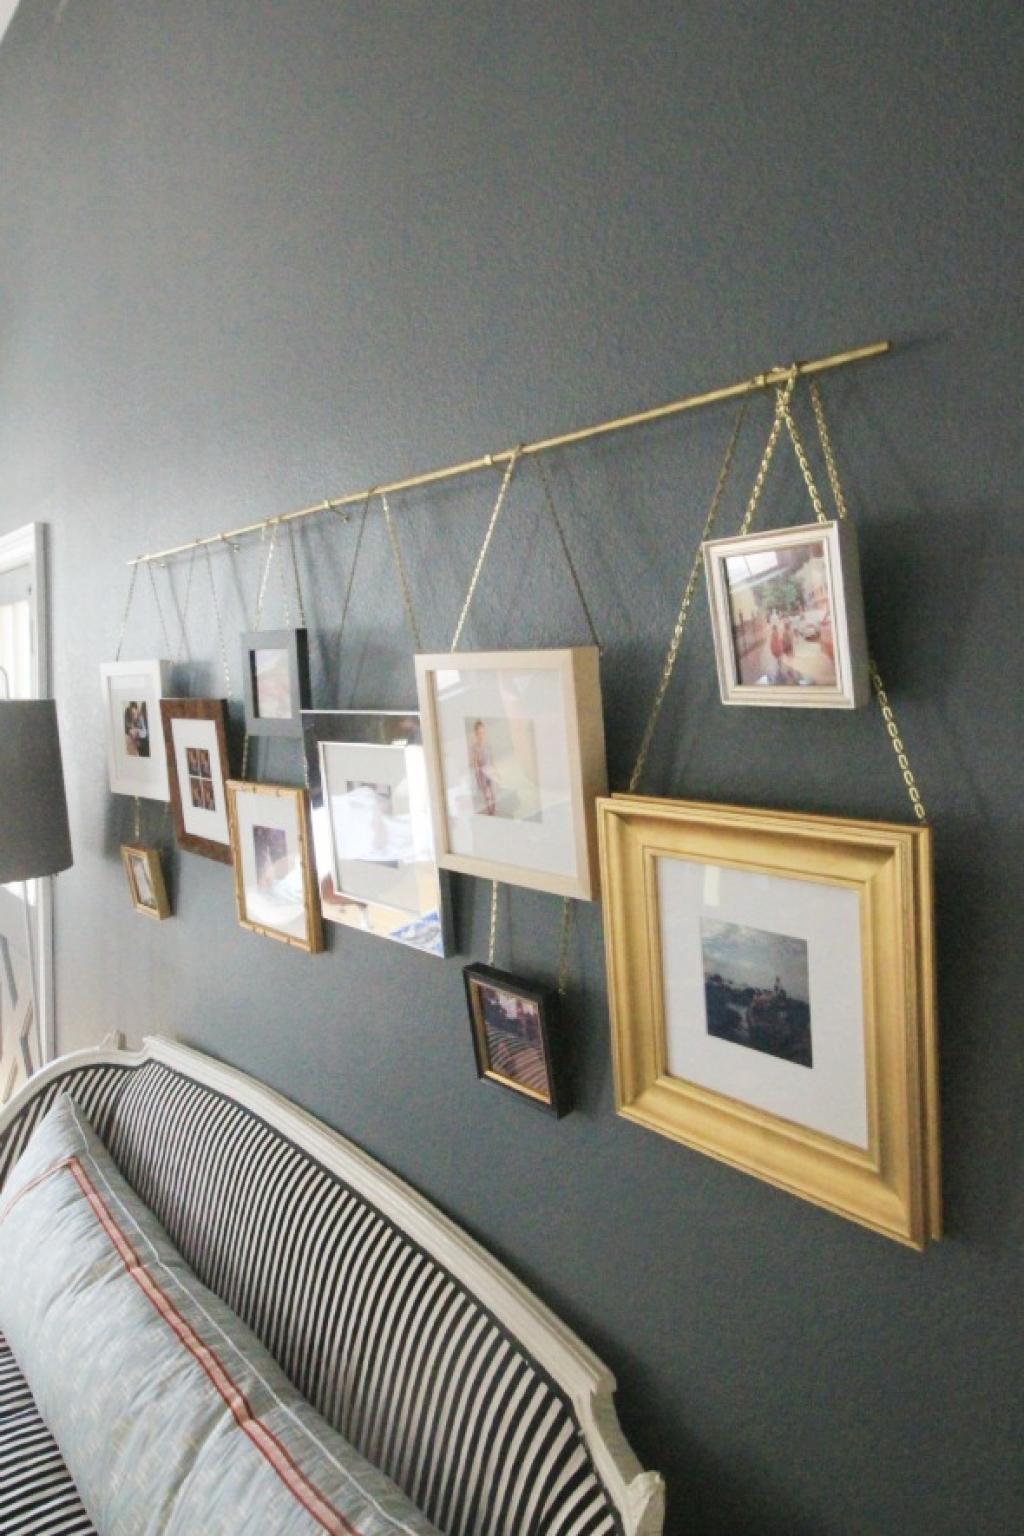 Comment Faire Un Rideau Sous Evier 13 manières ingénieuses d'utiliser les tringles à rideaux